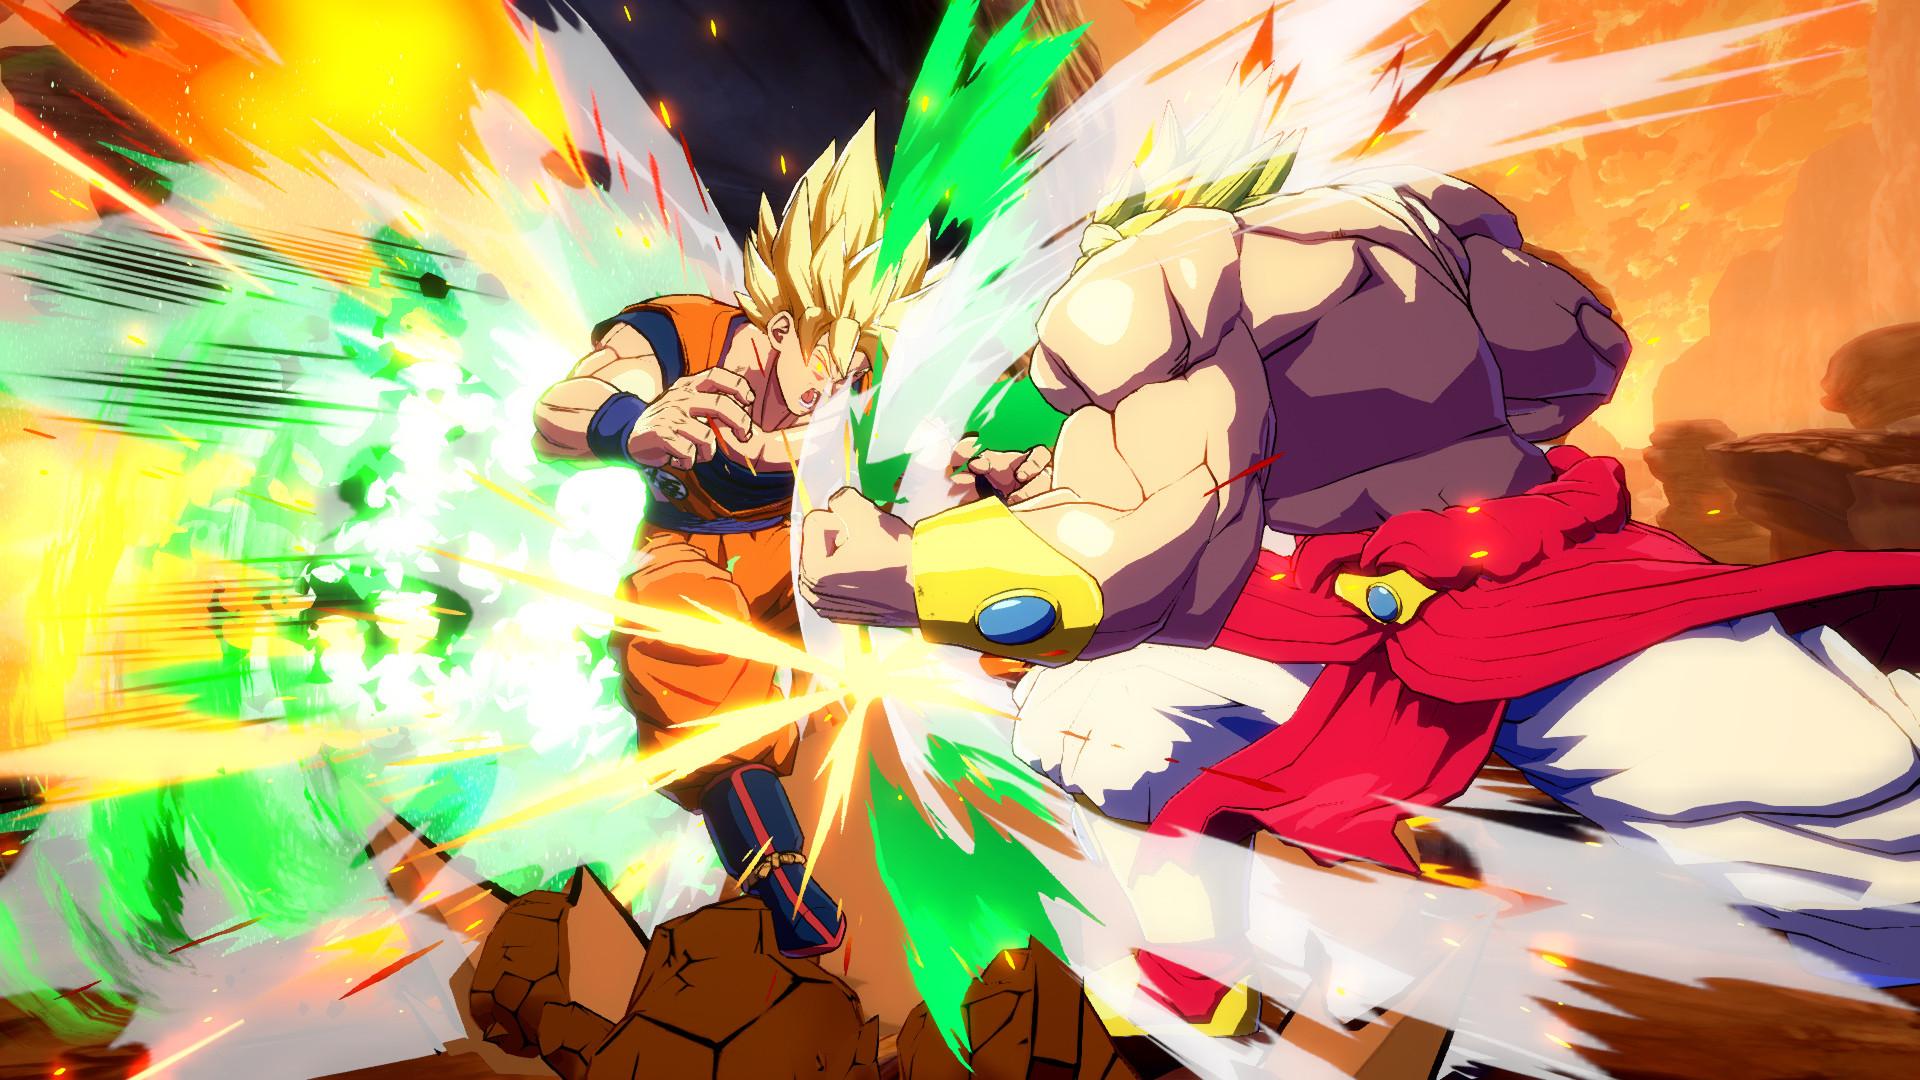 Os novos lutadores de 'Dragon Ball' estão entre os favoritos dos fãs